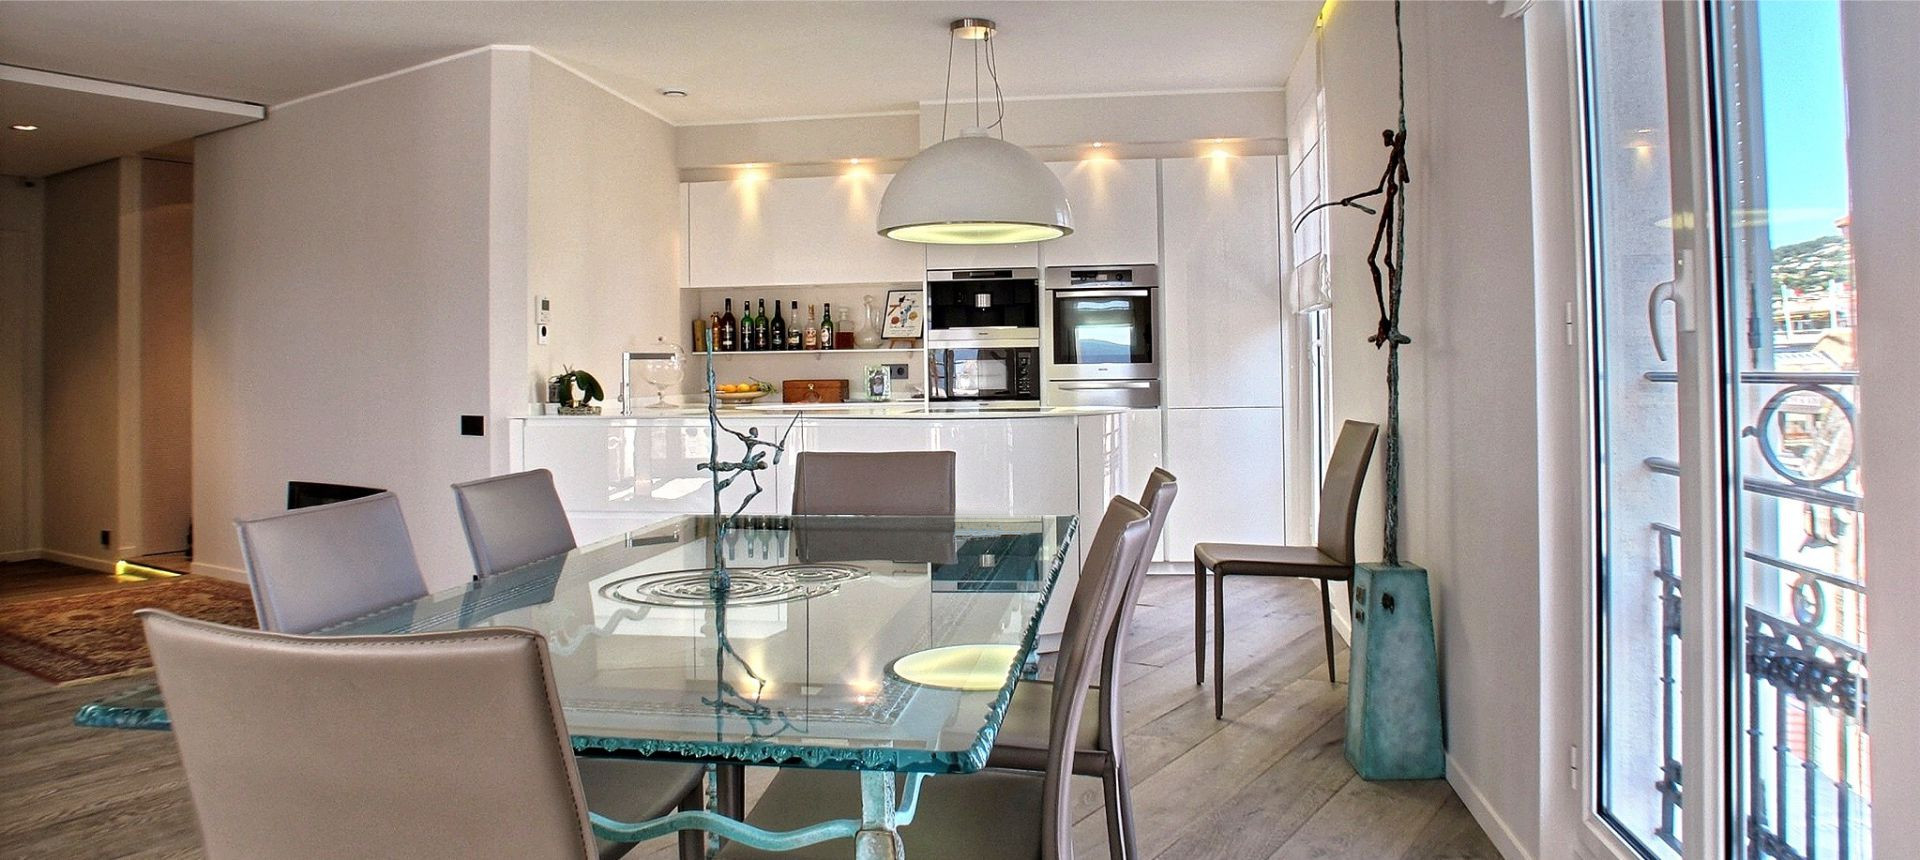 Progettazione e Vendita Arredamenti per la casa Albenga Savona Imperia Genova | vendita Mobili per la Casa Albenga Savona Imperia Genova | Centrostile2